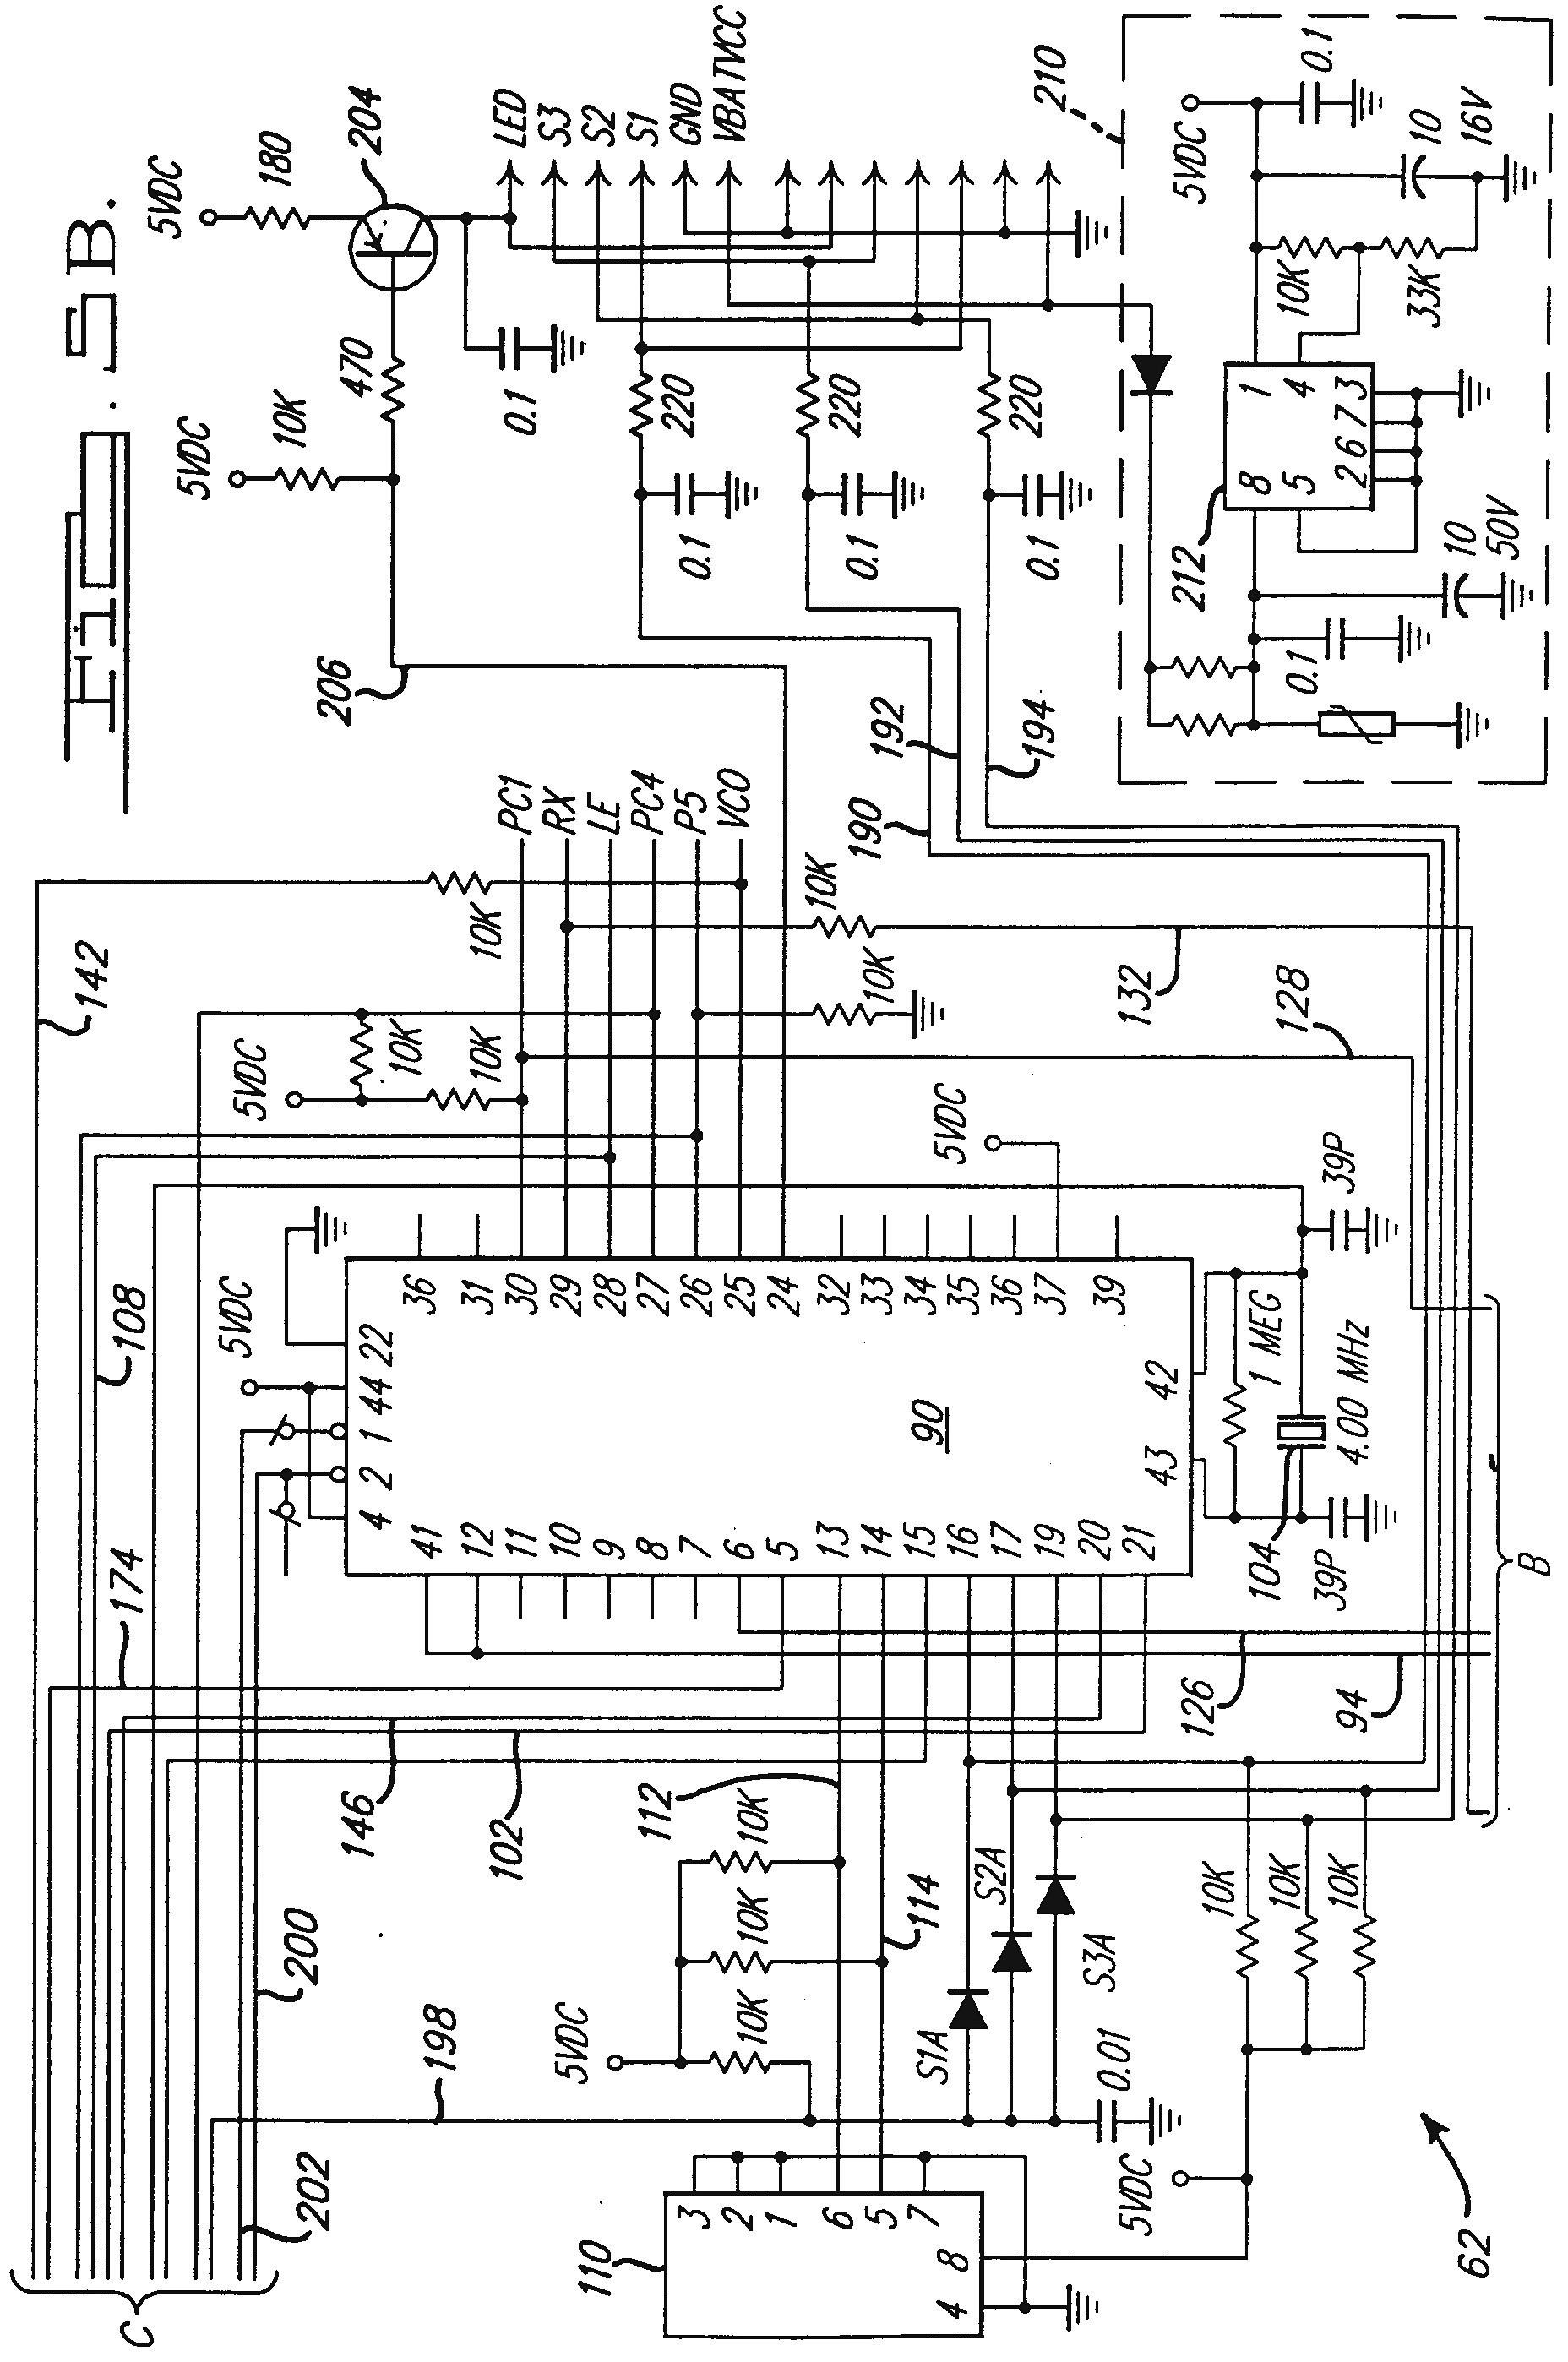 hight resolution of liftmaster garage door opener wiring schematic electrical wiring diagram for garage new genie garage door